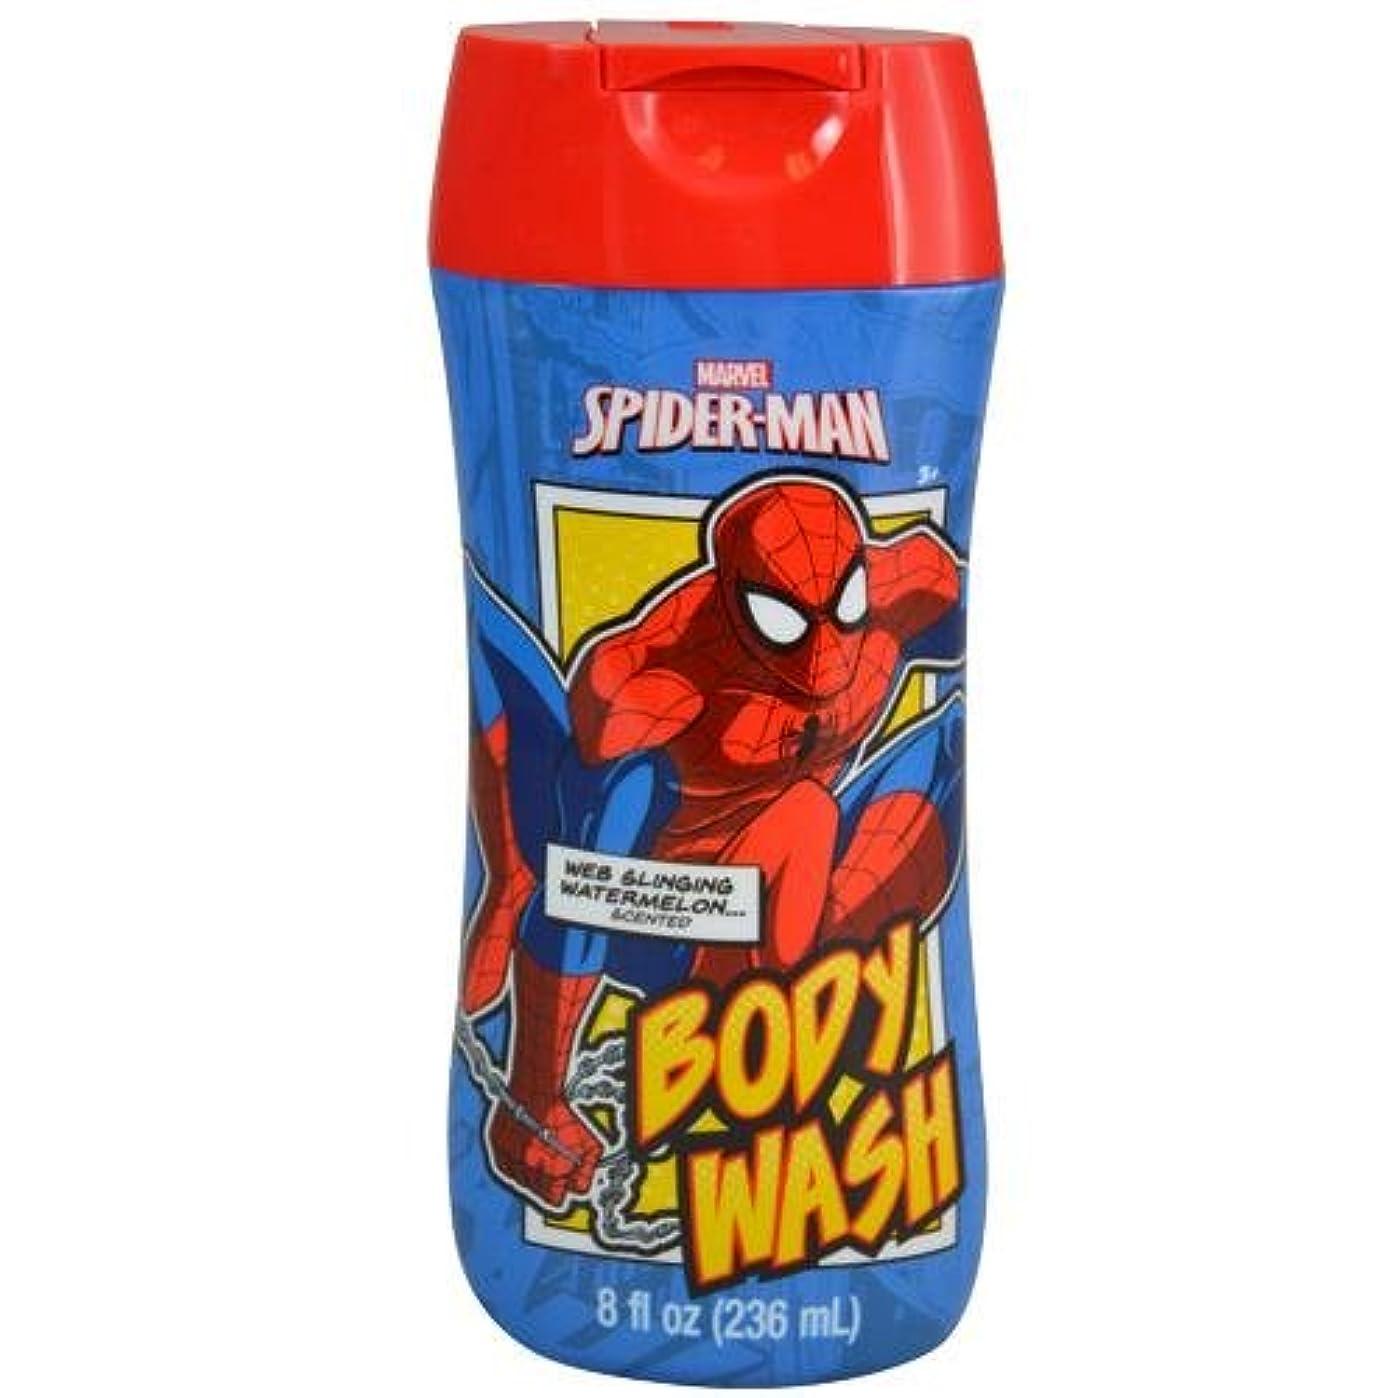 資格させる無駄なスパイダーマン SPIDER-MAN ボディーソープ 12185 MARVEL お風呂 ボディ ソープ 子供用 キッズ ボディソープ MARVEL ボディウォッシュ マーベル ボディーウォッシュ【即日?翌日発送】